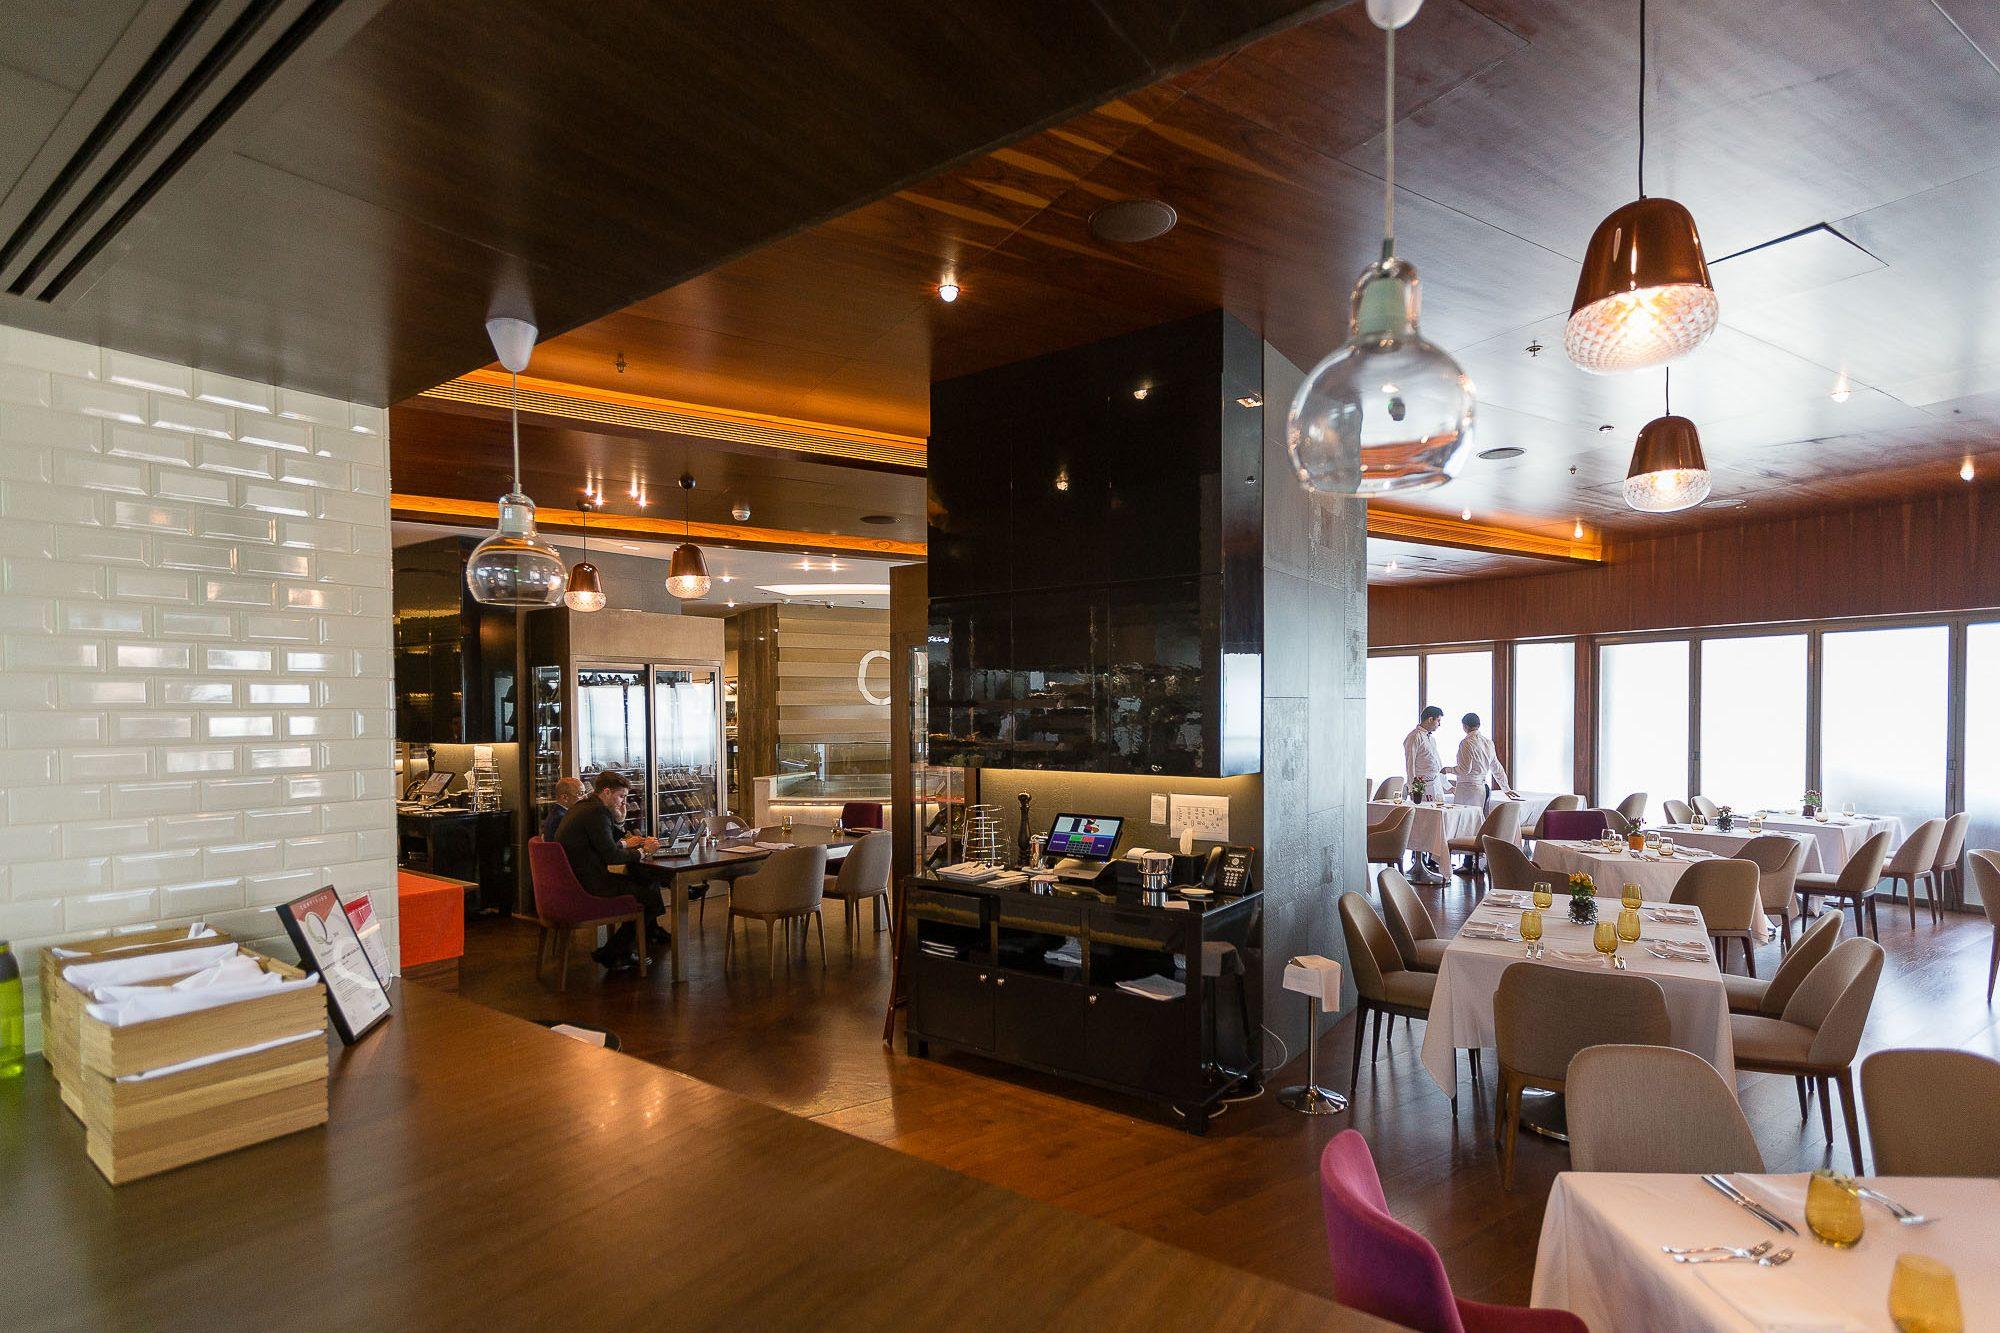 italia_kitchen_robertos_abu_dhabi_06